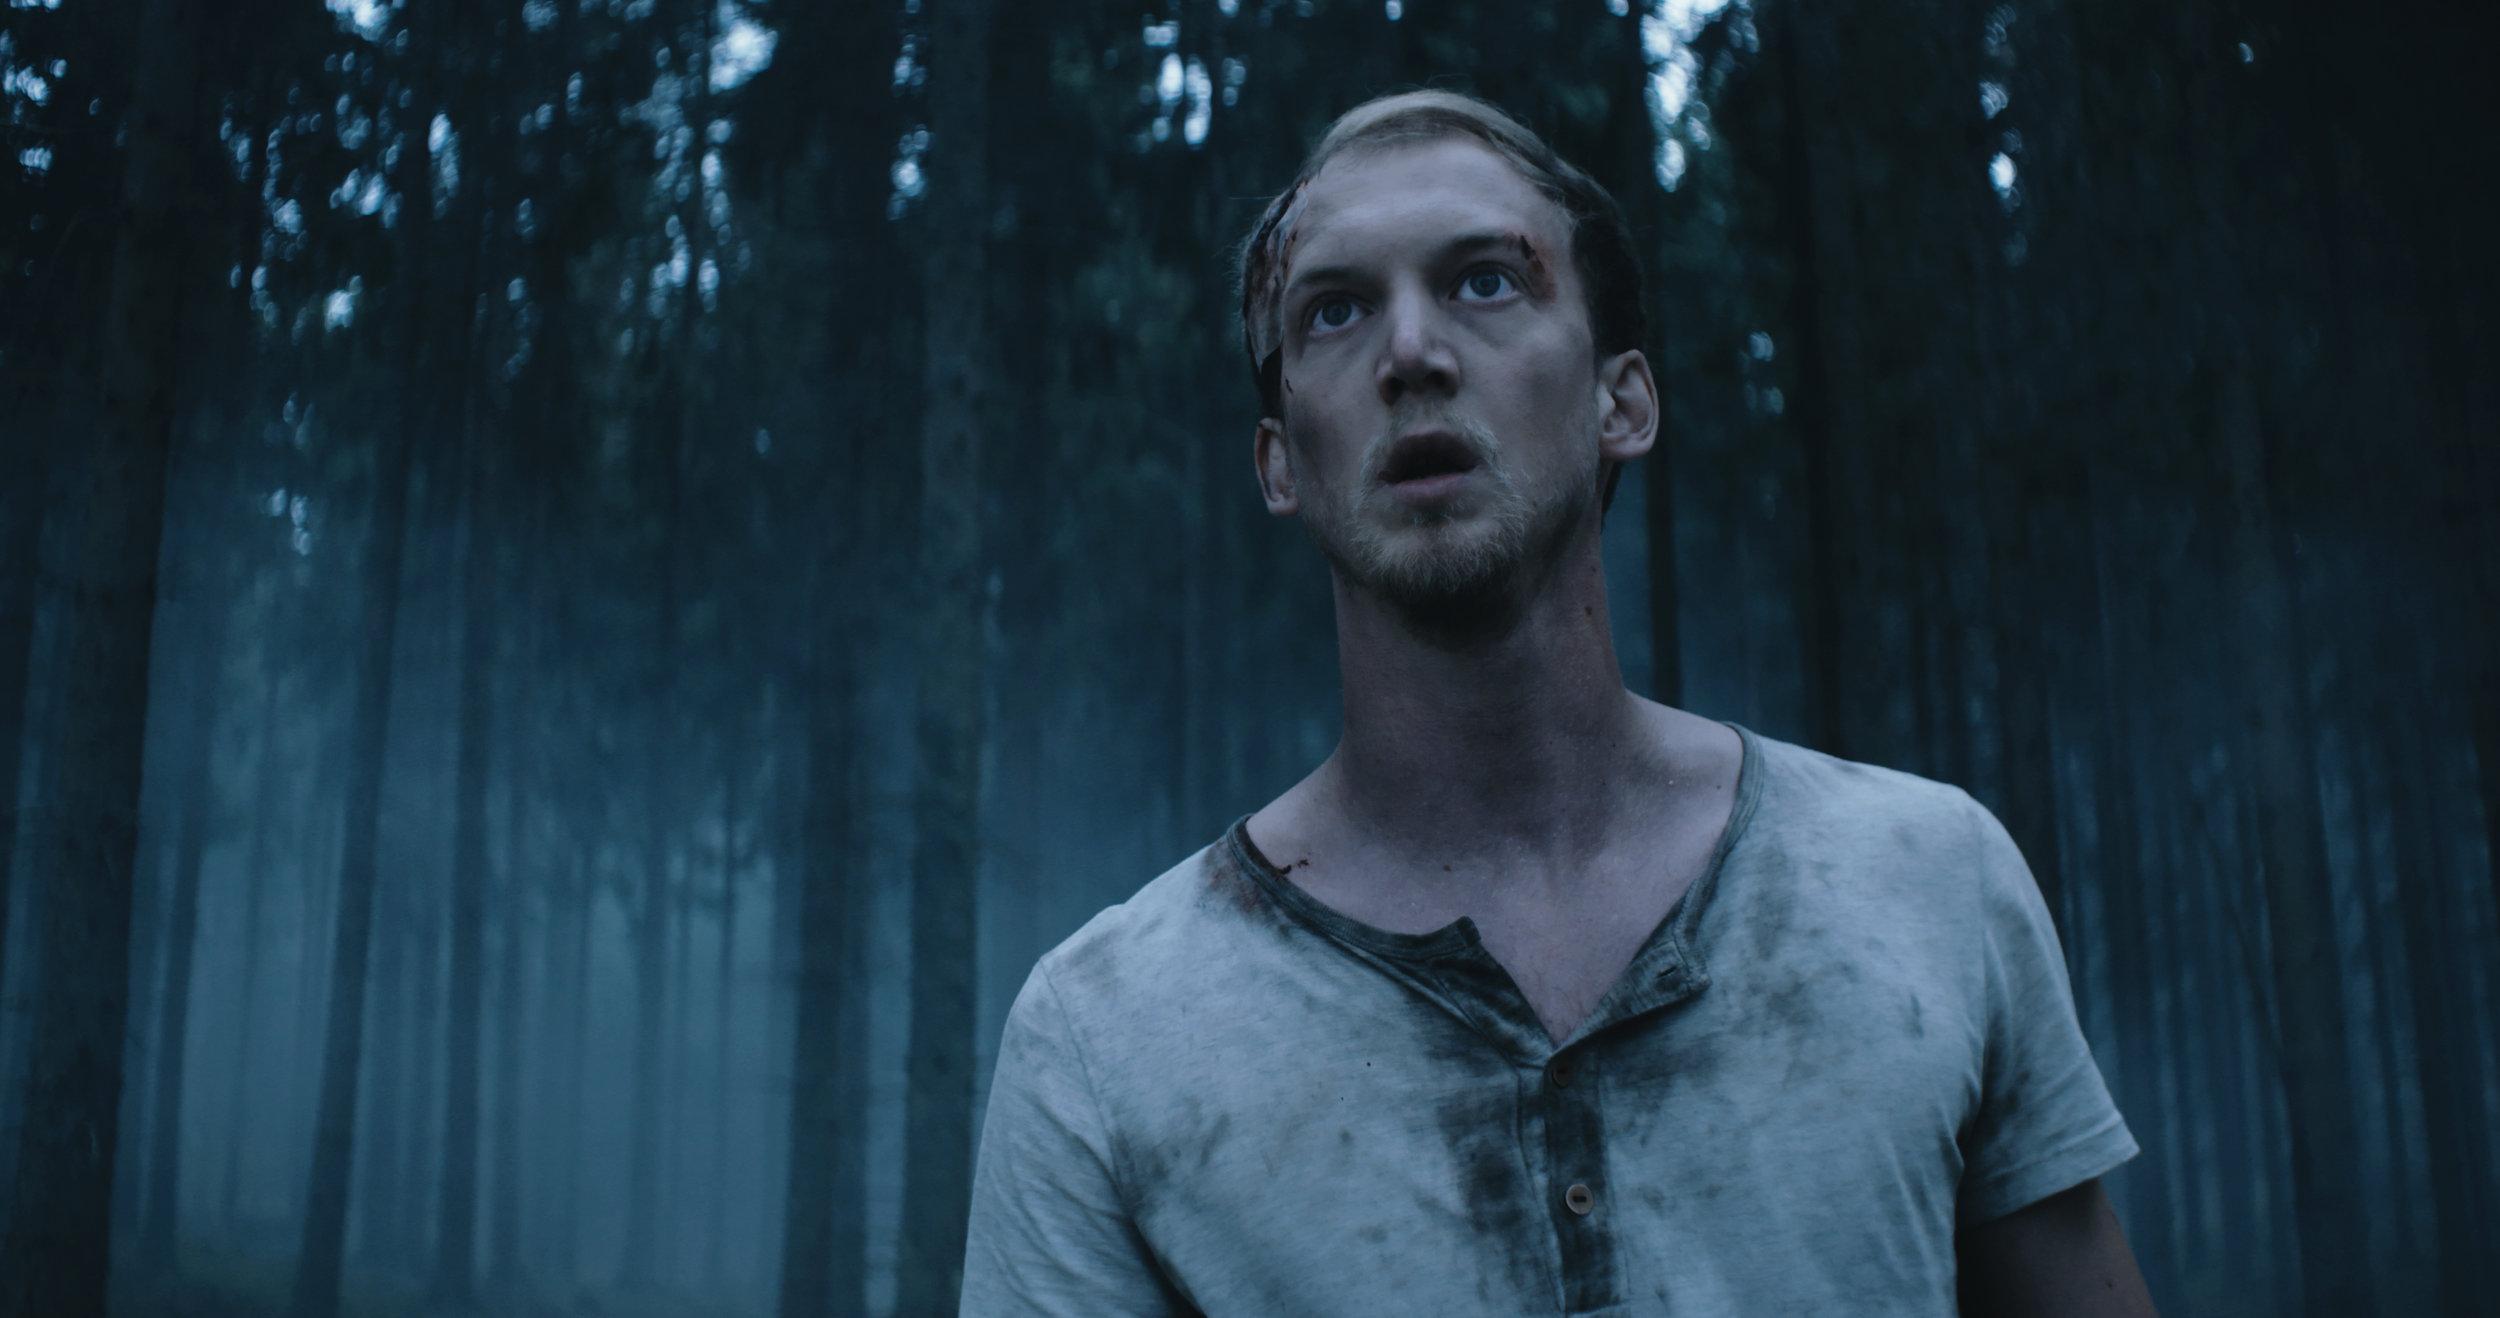 Katastrofen är ett faktum. Alex, spelad av Christoffer Nordenrot, spänner blicken i något med hjärtat i halsgropen i utkanten av skogsparti.